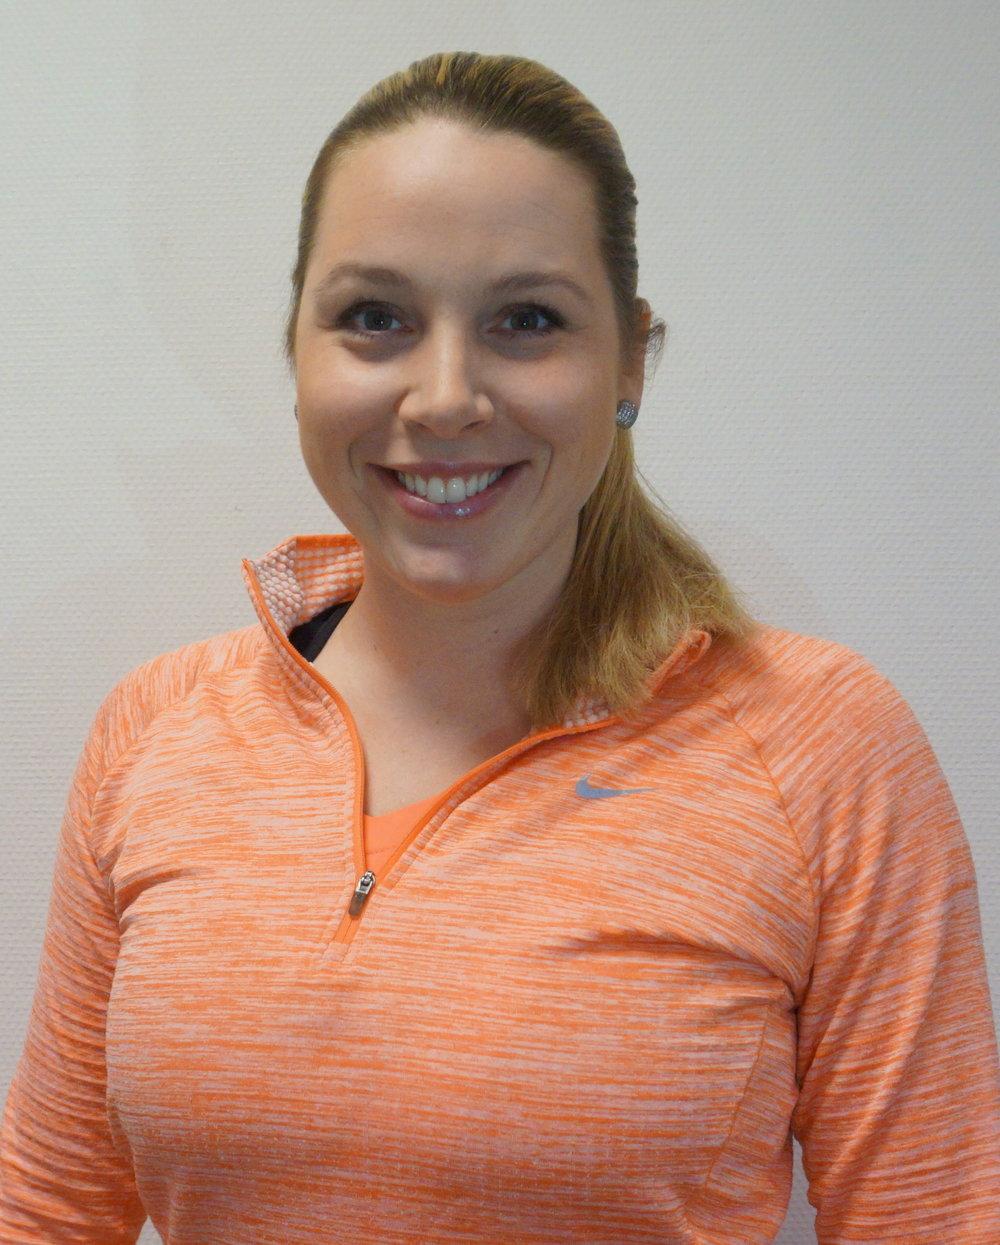 CelineWarpe-Kinn - Celine jobber i MAMMA-konseptet vårt med fysioterapi og trening for gravide, mødre og barn i svangerskap og barseltid. Celine har tatt alle fysioterapiforbundet sine kurs om bekkenleddssmerter og bekkenbunnsdysfunksjon og kan derfor undersøke og hjelpe deg som har plager i bekkenet eller underlivet.mob. 92212861 mail: celine@frim.no